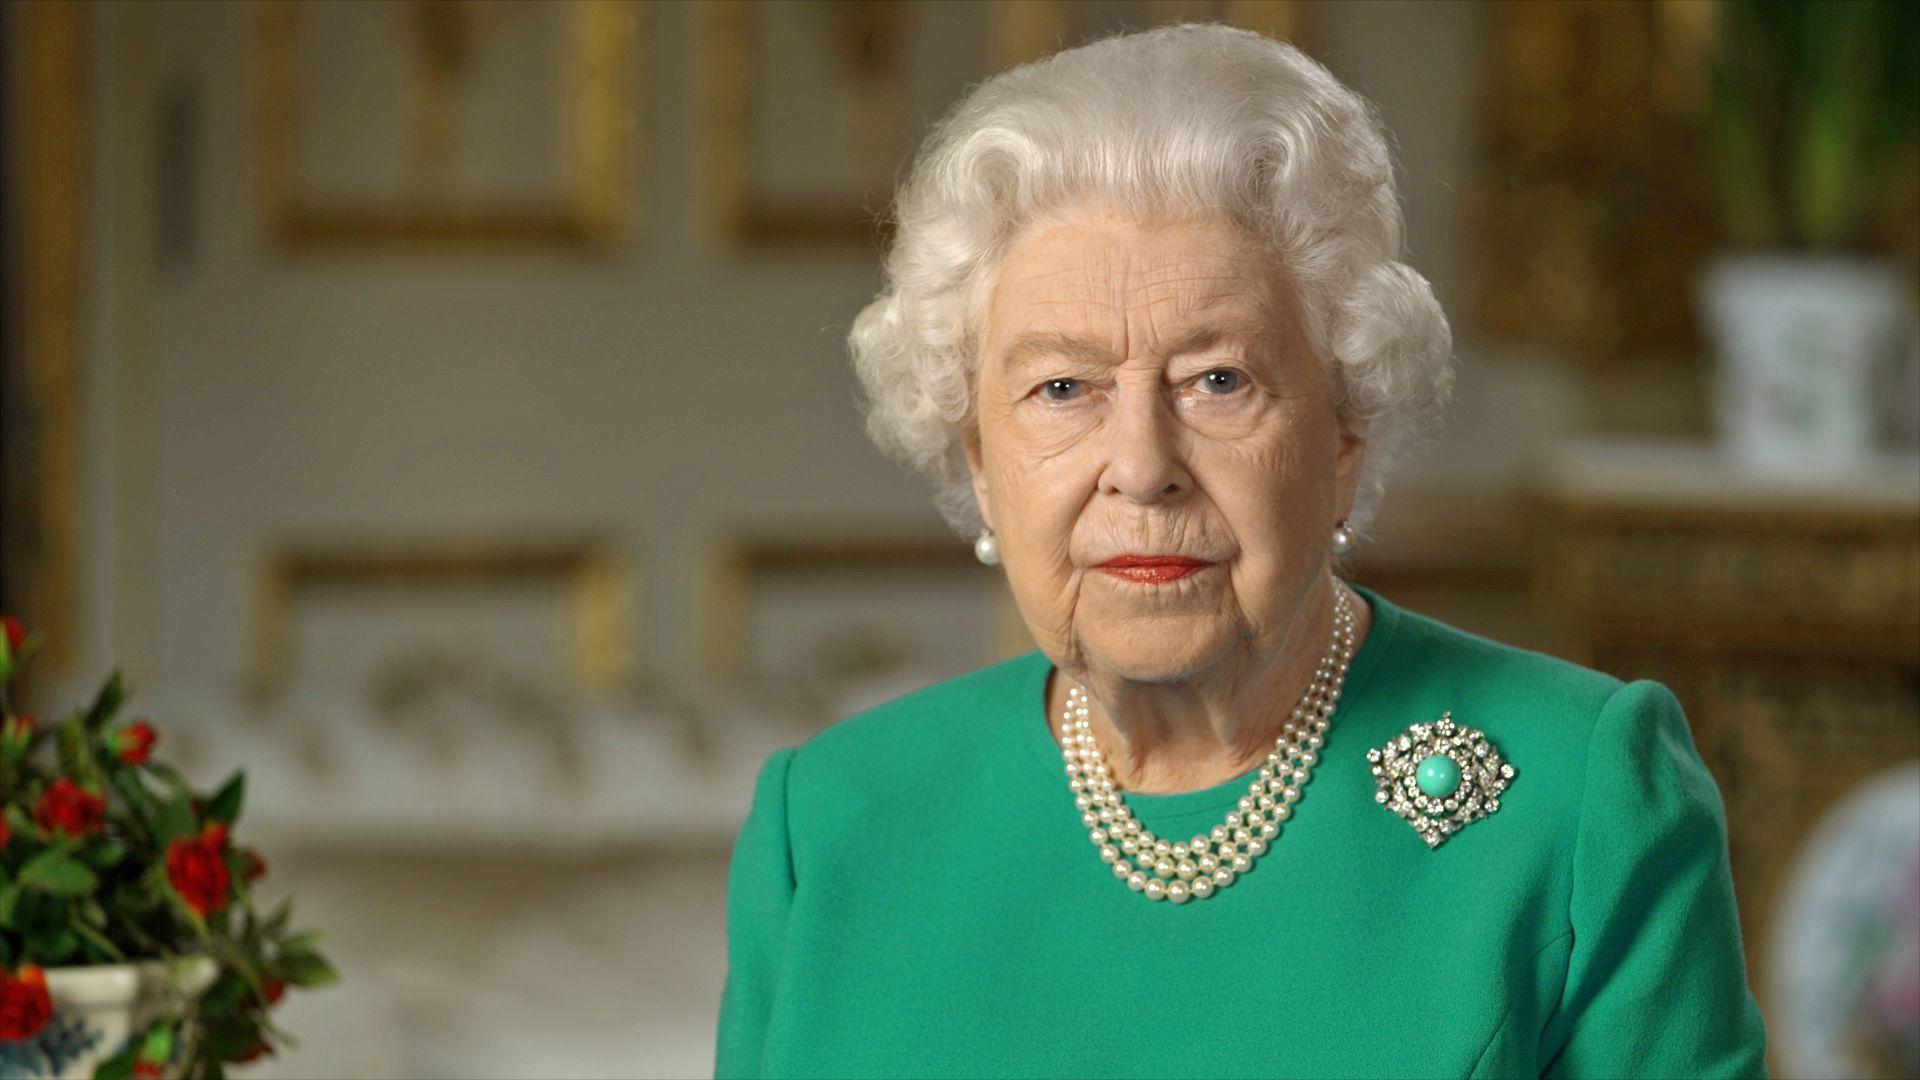 Queen Elizabeth II wearing a turquoise brooch in her April 2020 Covid speech